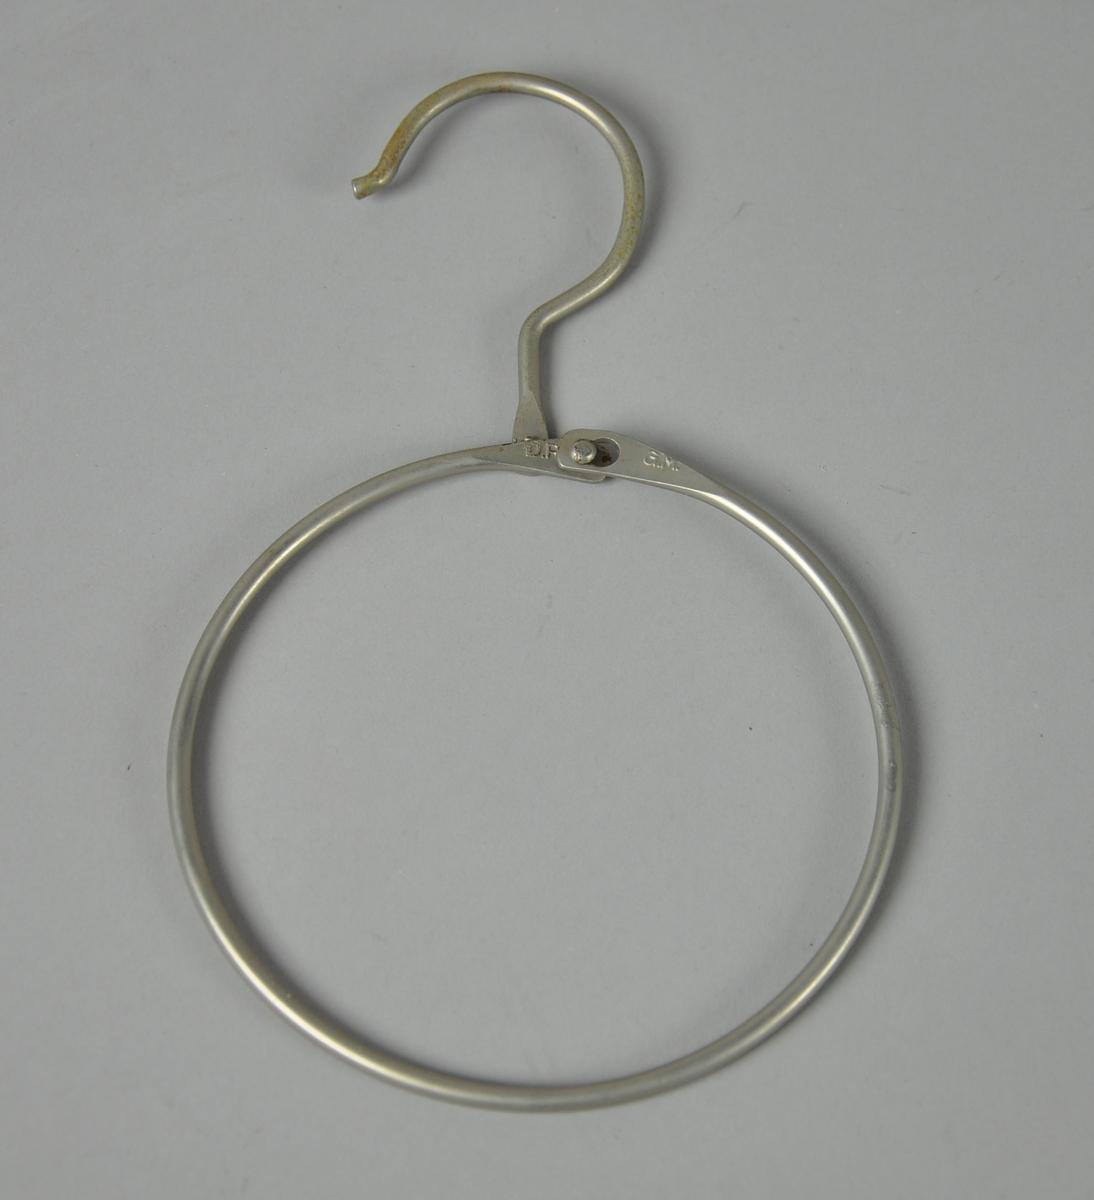 Opphengsring for oppheng av skinn. Består av sirkulær ring som kan åpnes. På toppen er det en krok for oppheng, ligner på kleshenger-krok.